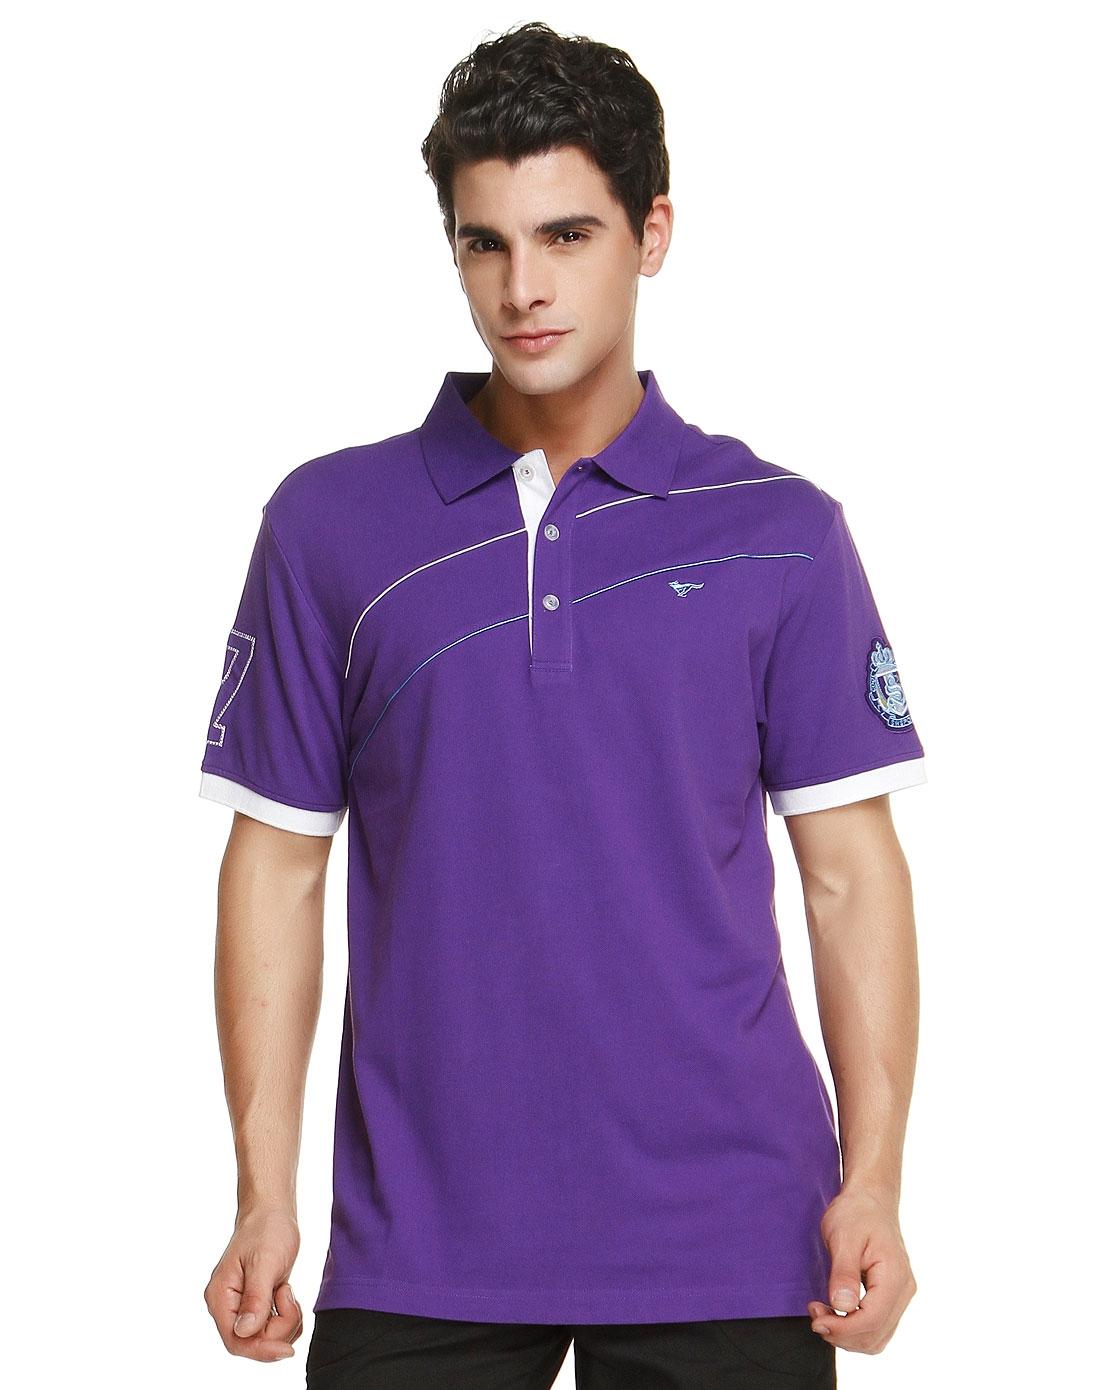 袖口绣勋章紫色短袖polo衫